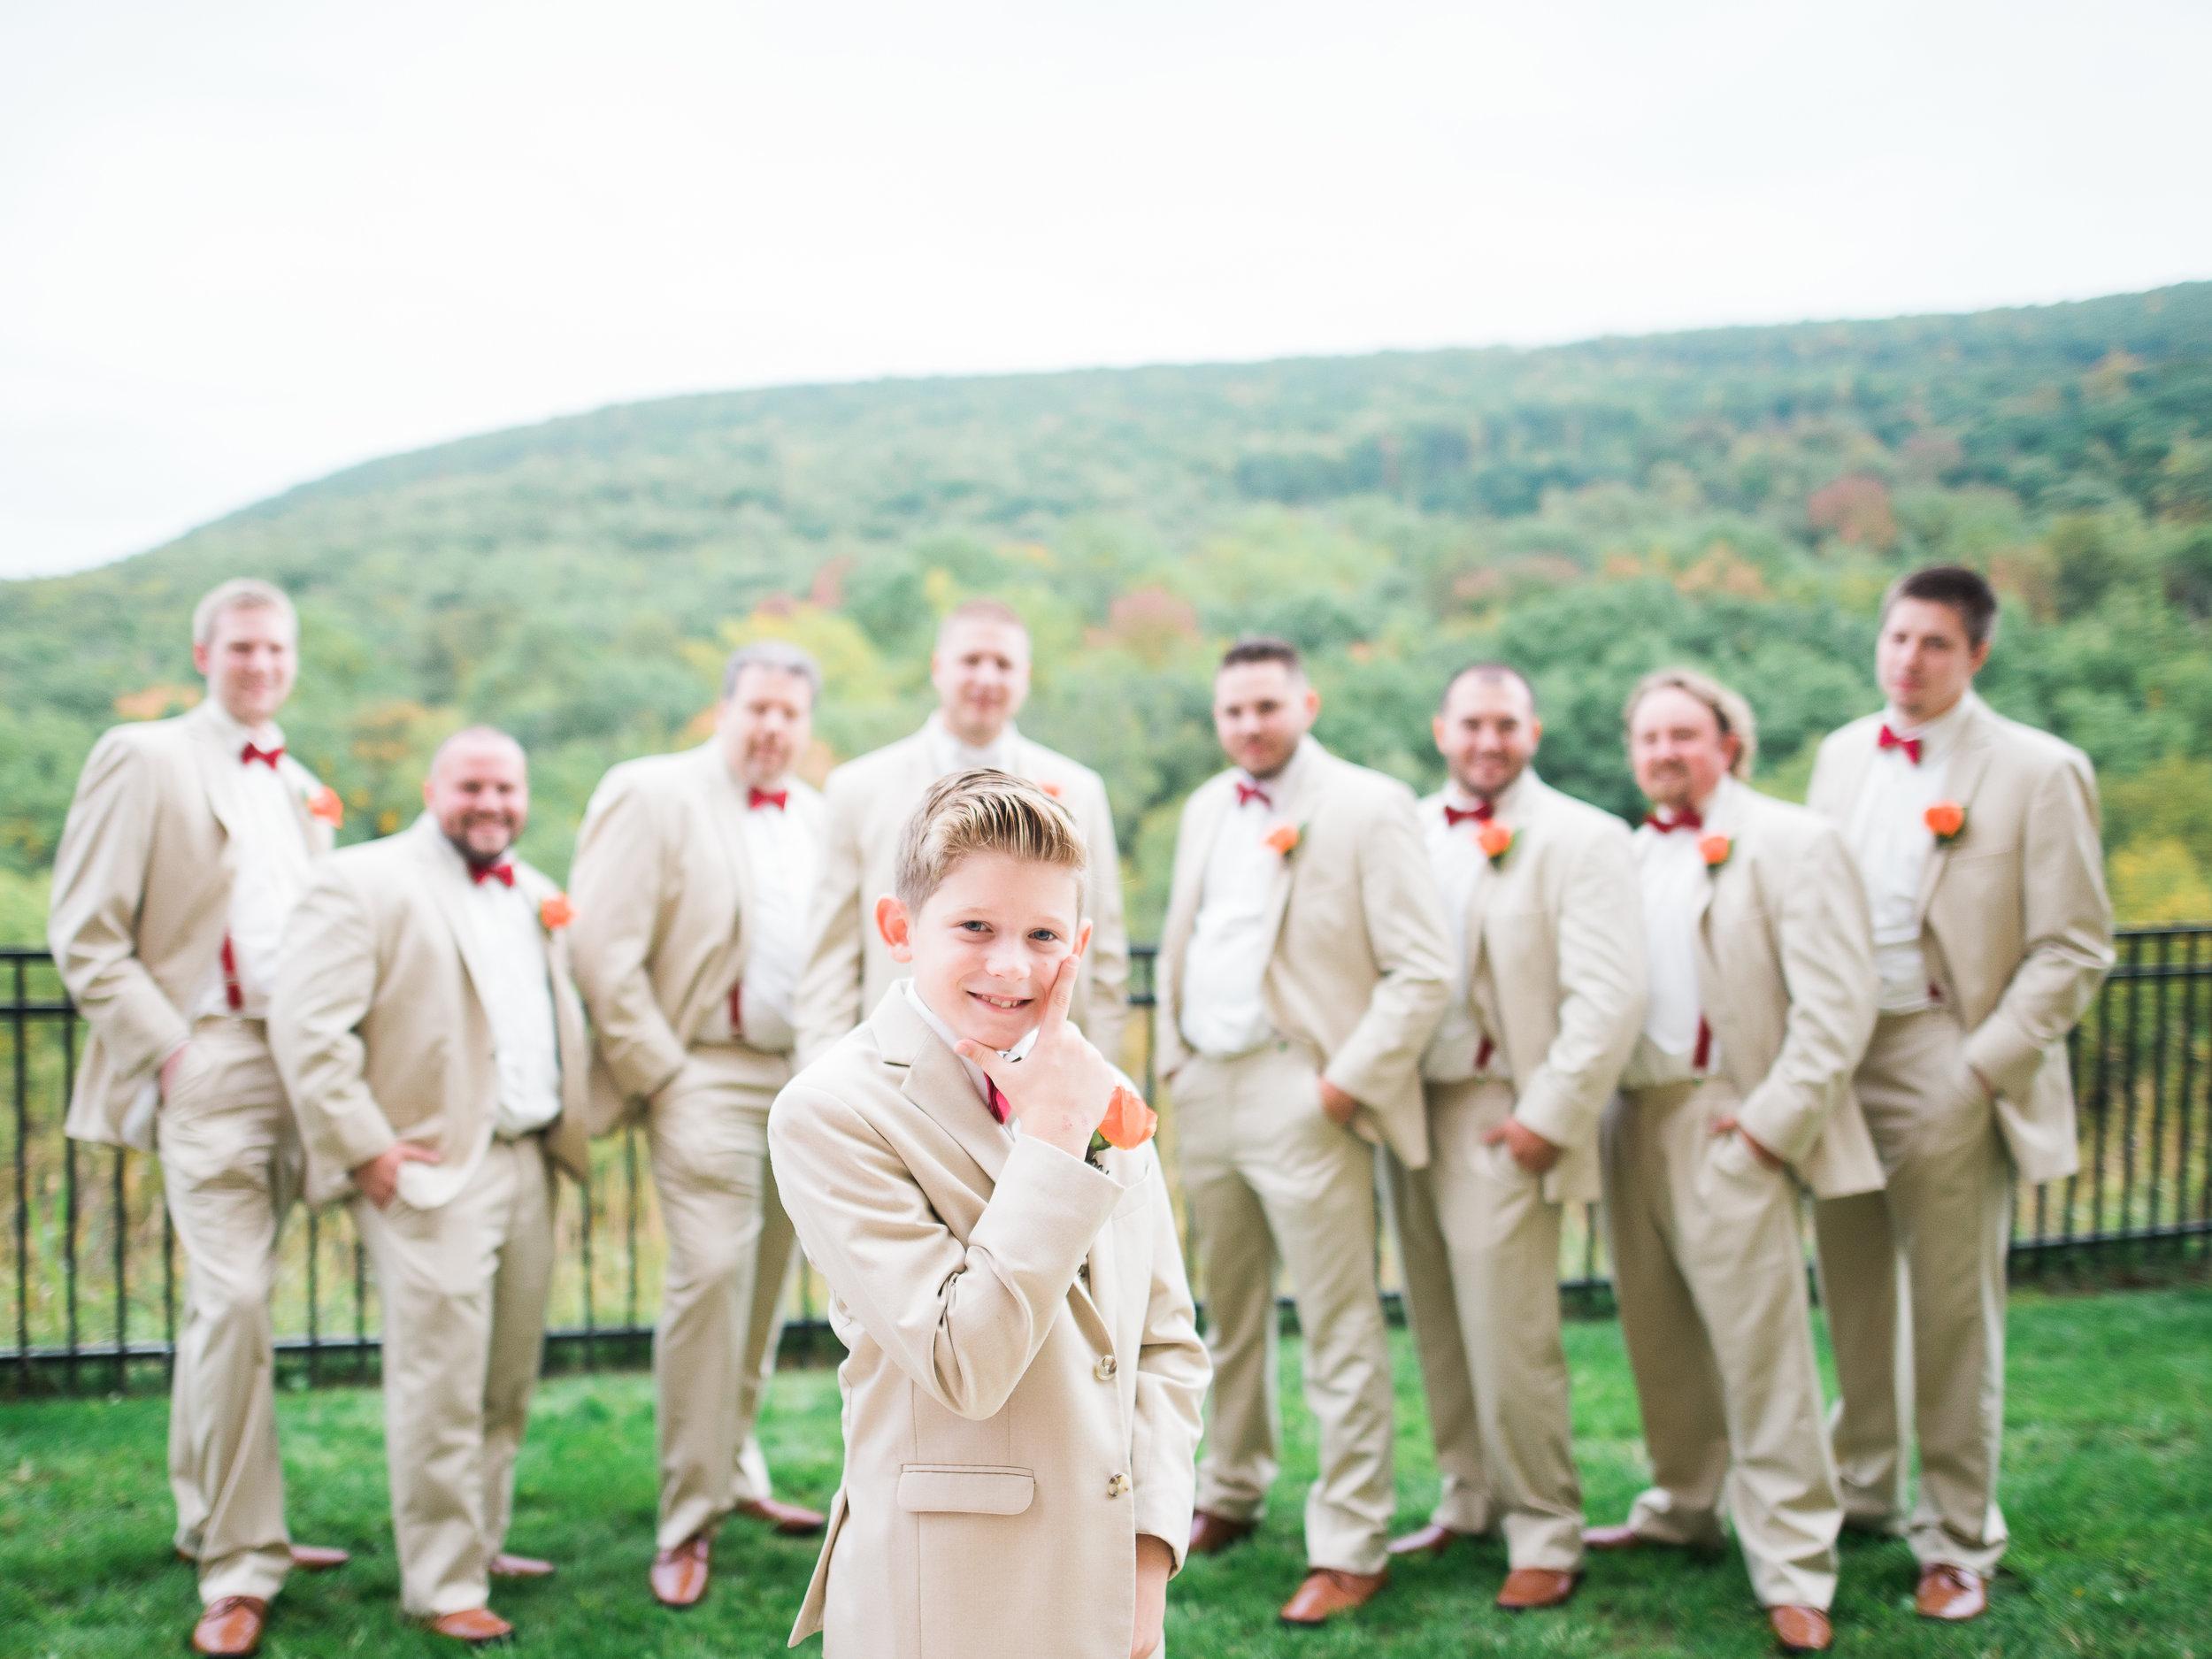 weddings at camelback mountain